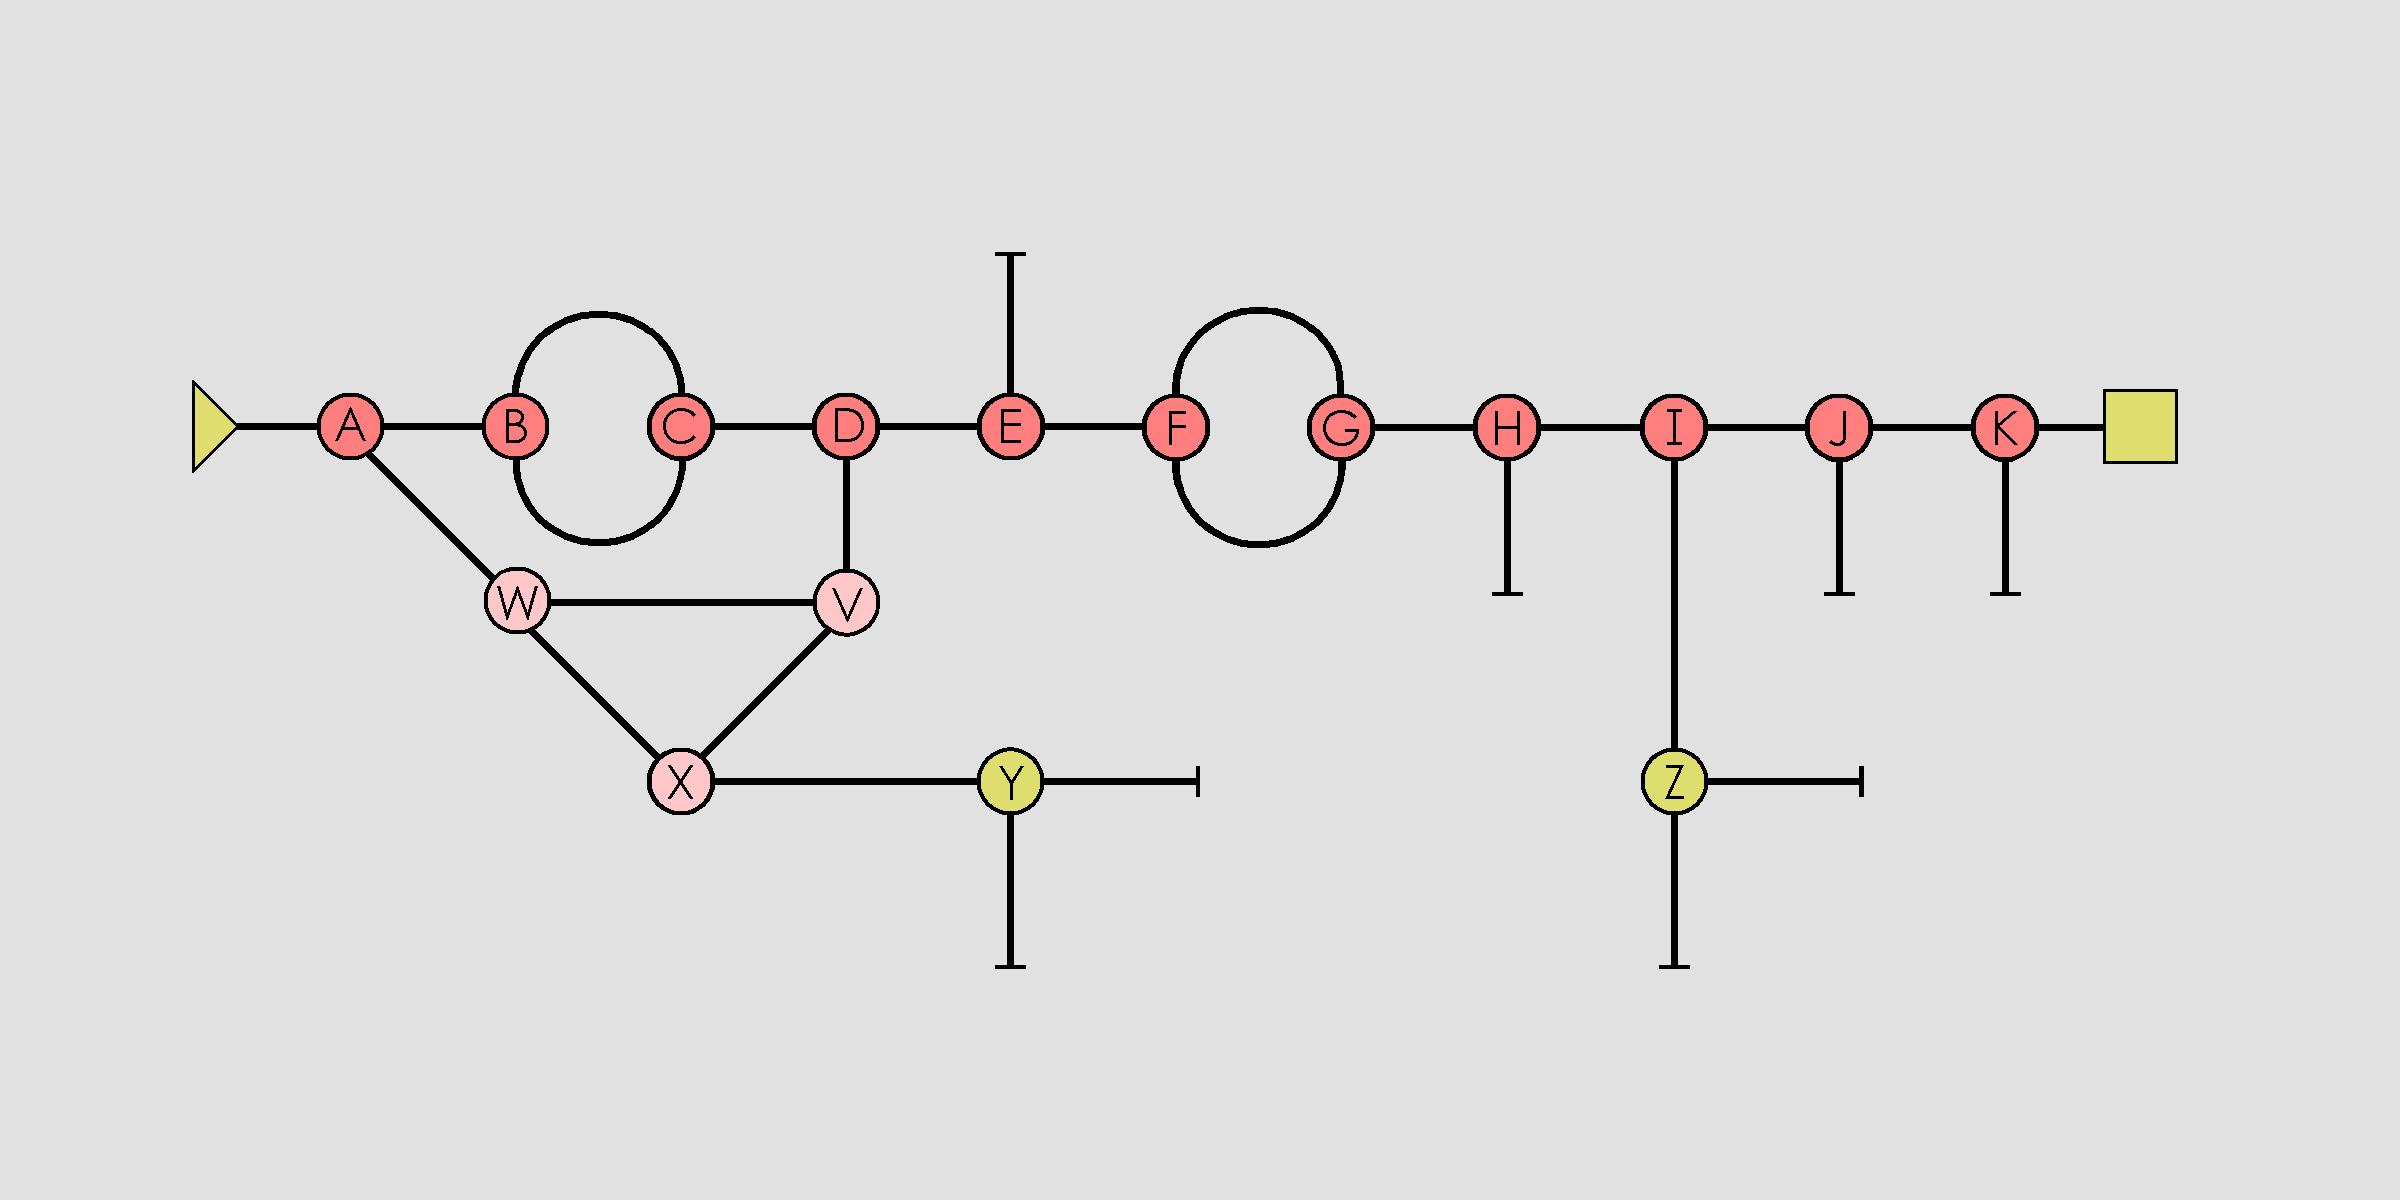 file maze 06 barcelona parc del laberint straight line diagram  : straight line diagram - findchart.co